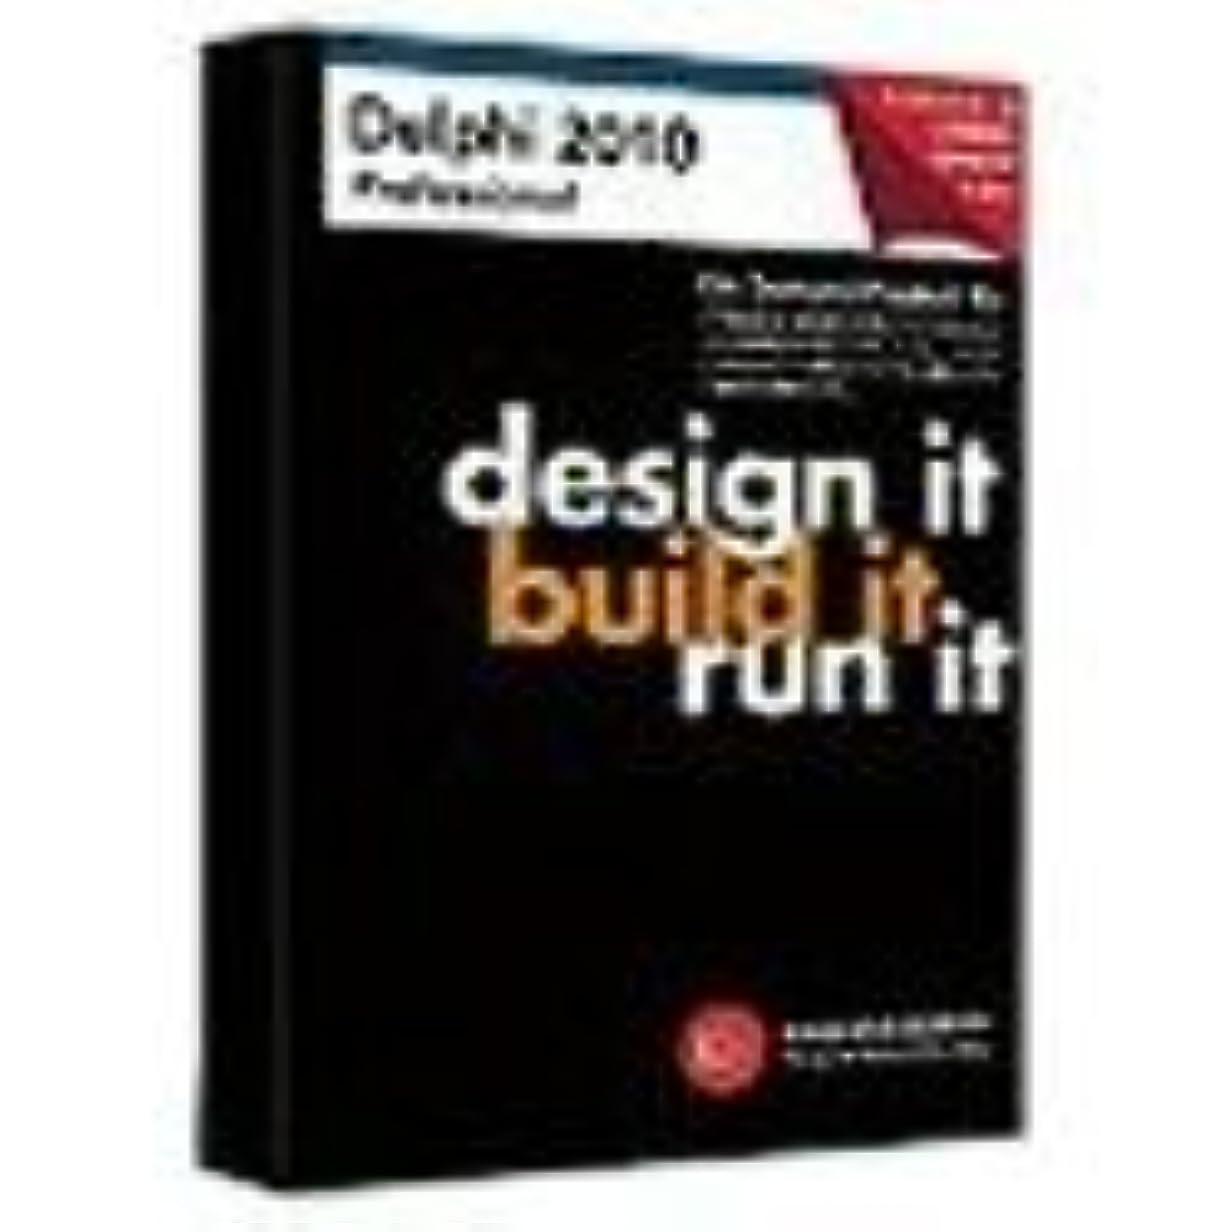 困惑したカテナ有害Delphi 2010 Professional